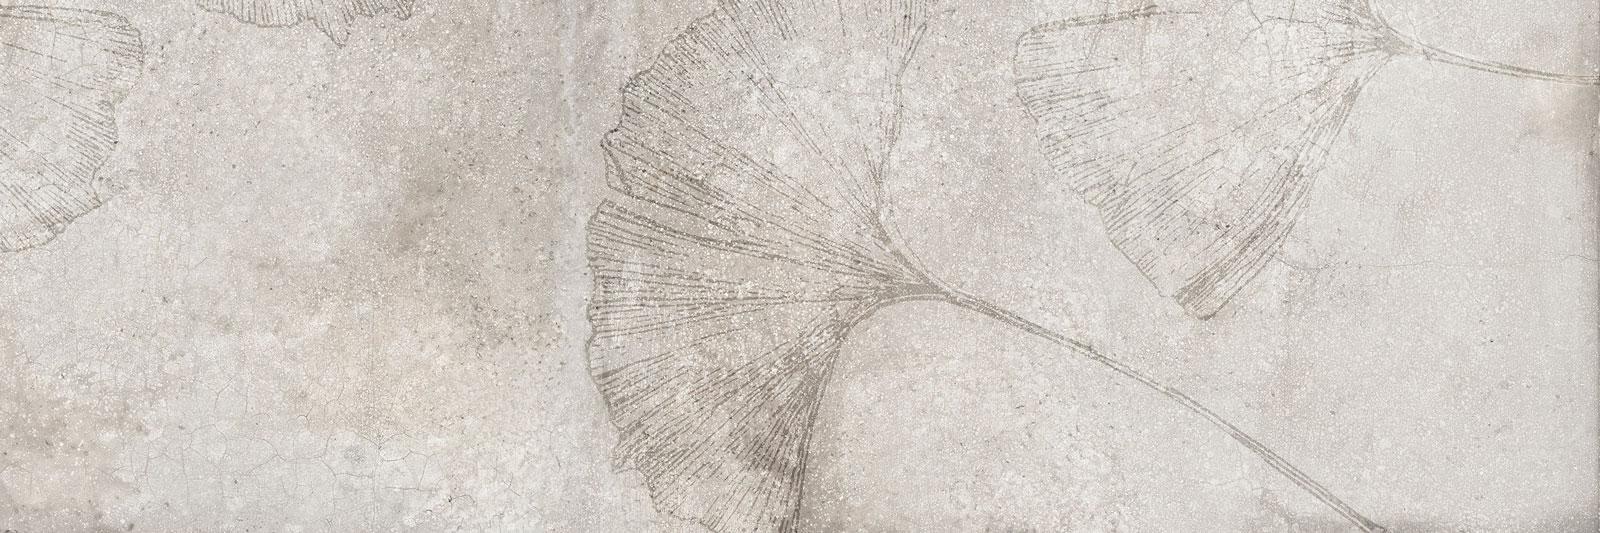 LA WELA DEKOR Concrete Leaves Dekor 4 Image